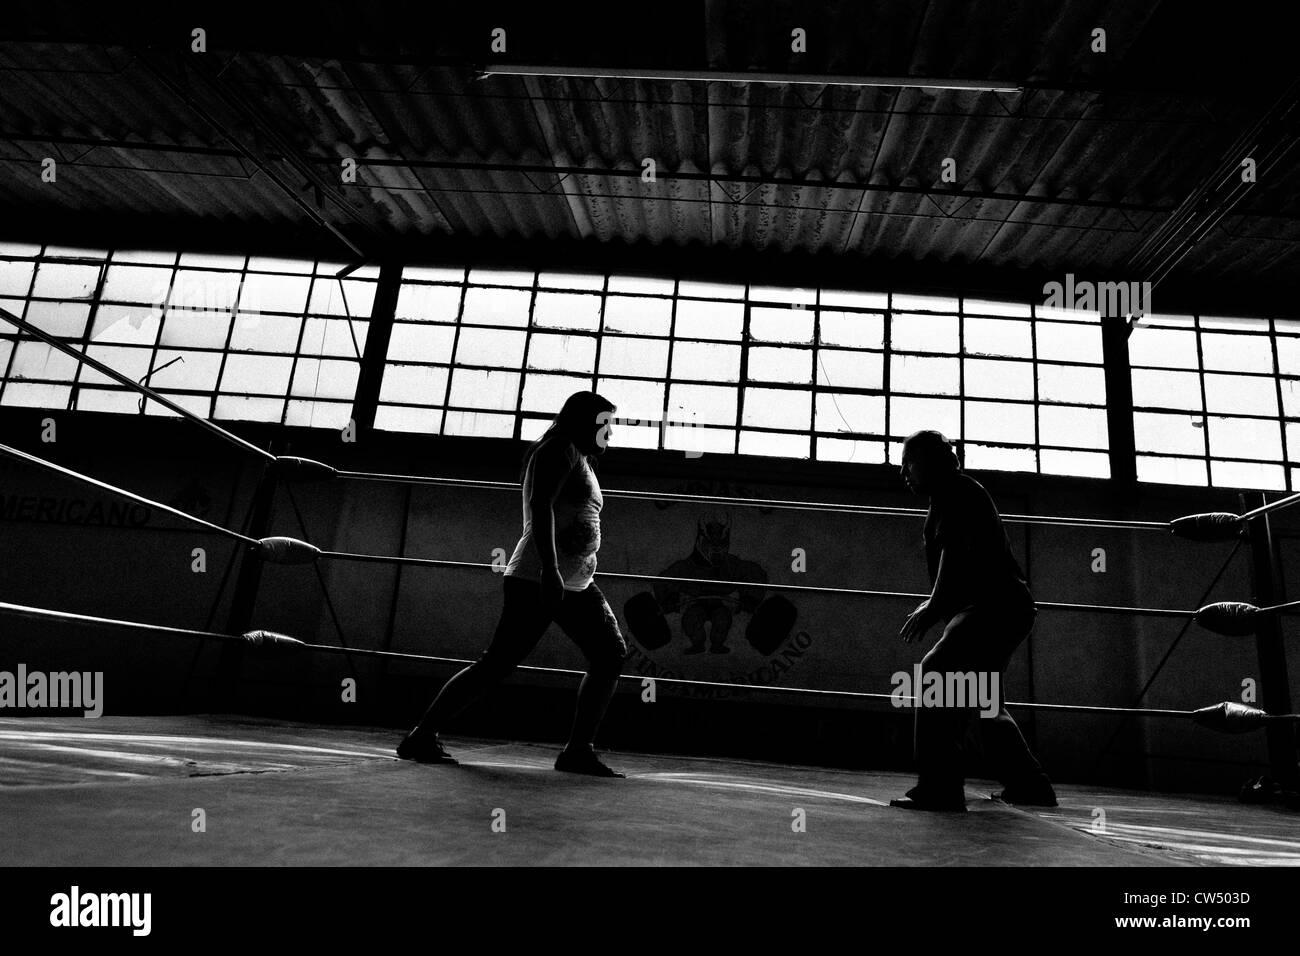 Un lutteur de lucha libre féminin s'entraîne avec son entraîneur dans un Gym Sports de combat Photo Stock